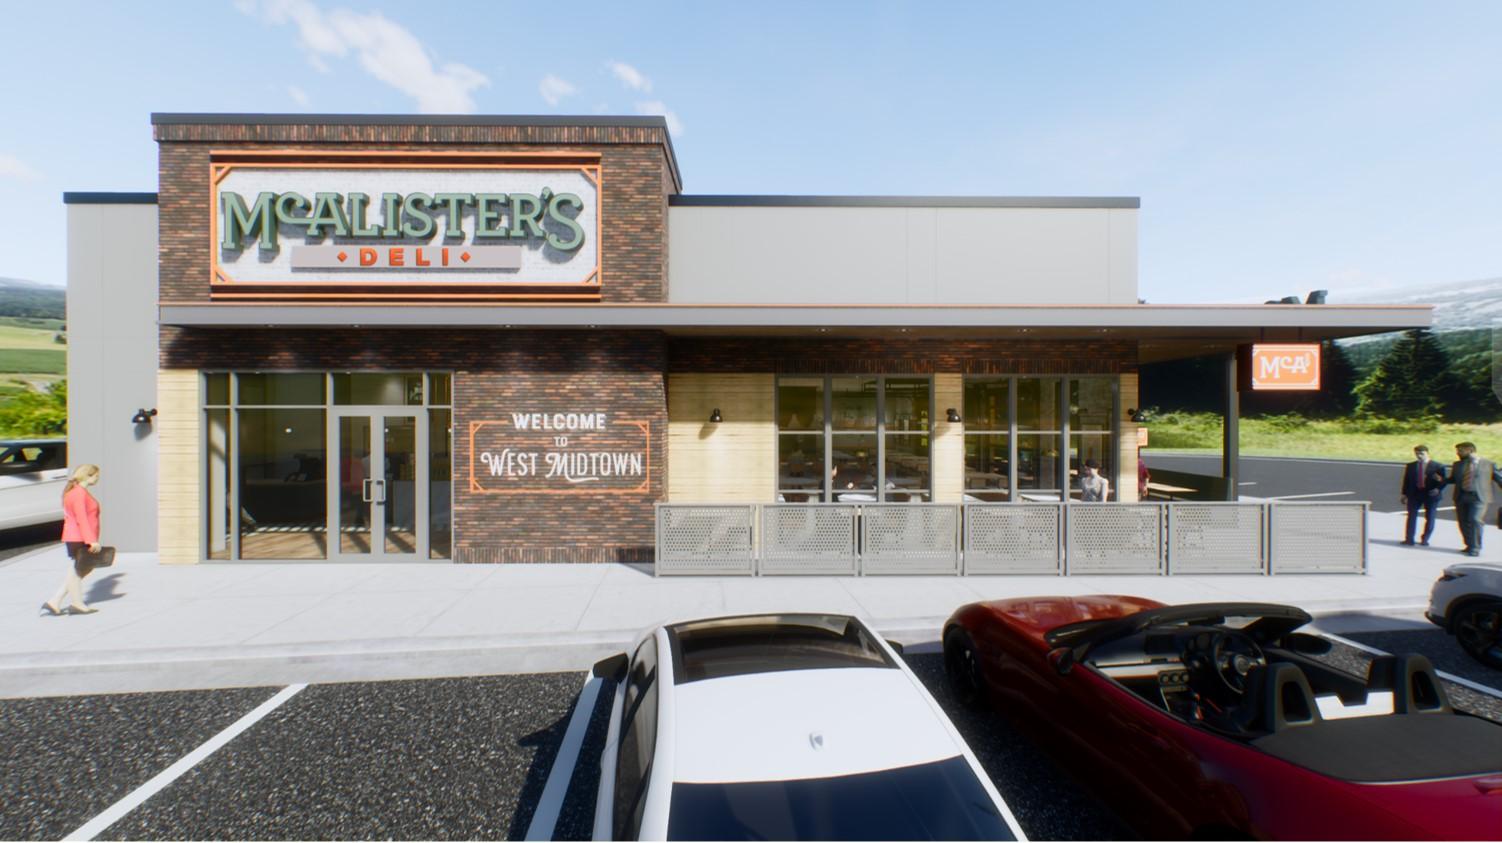 McAlister's Deli - West Midtown Center - Exterior Rendering